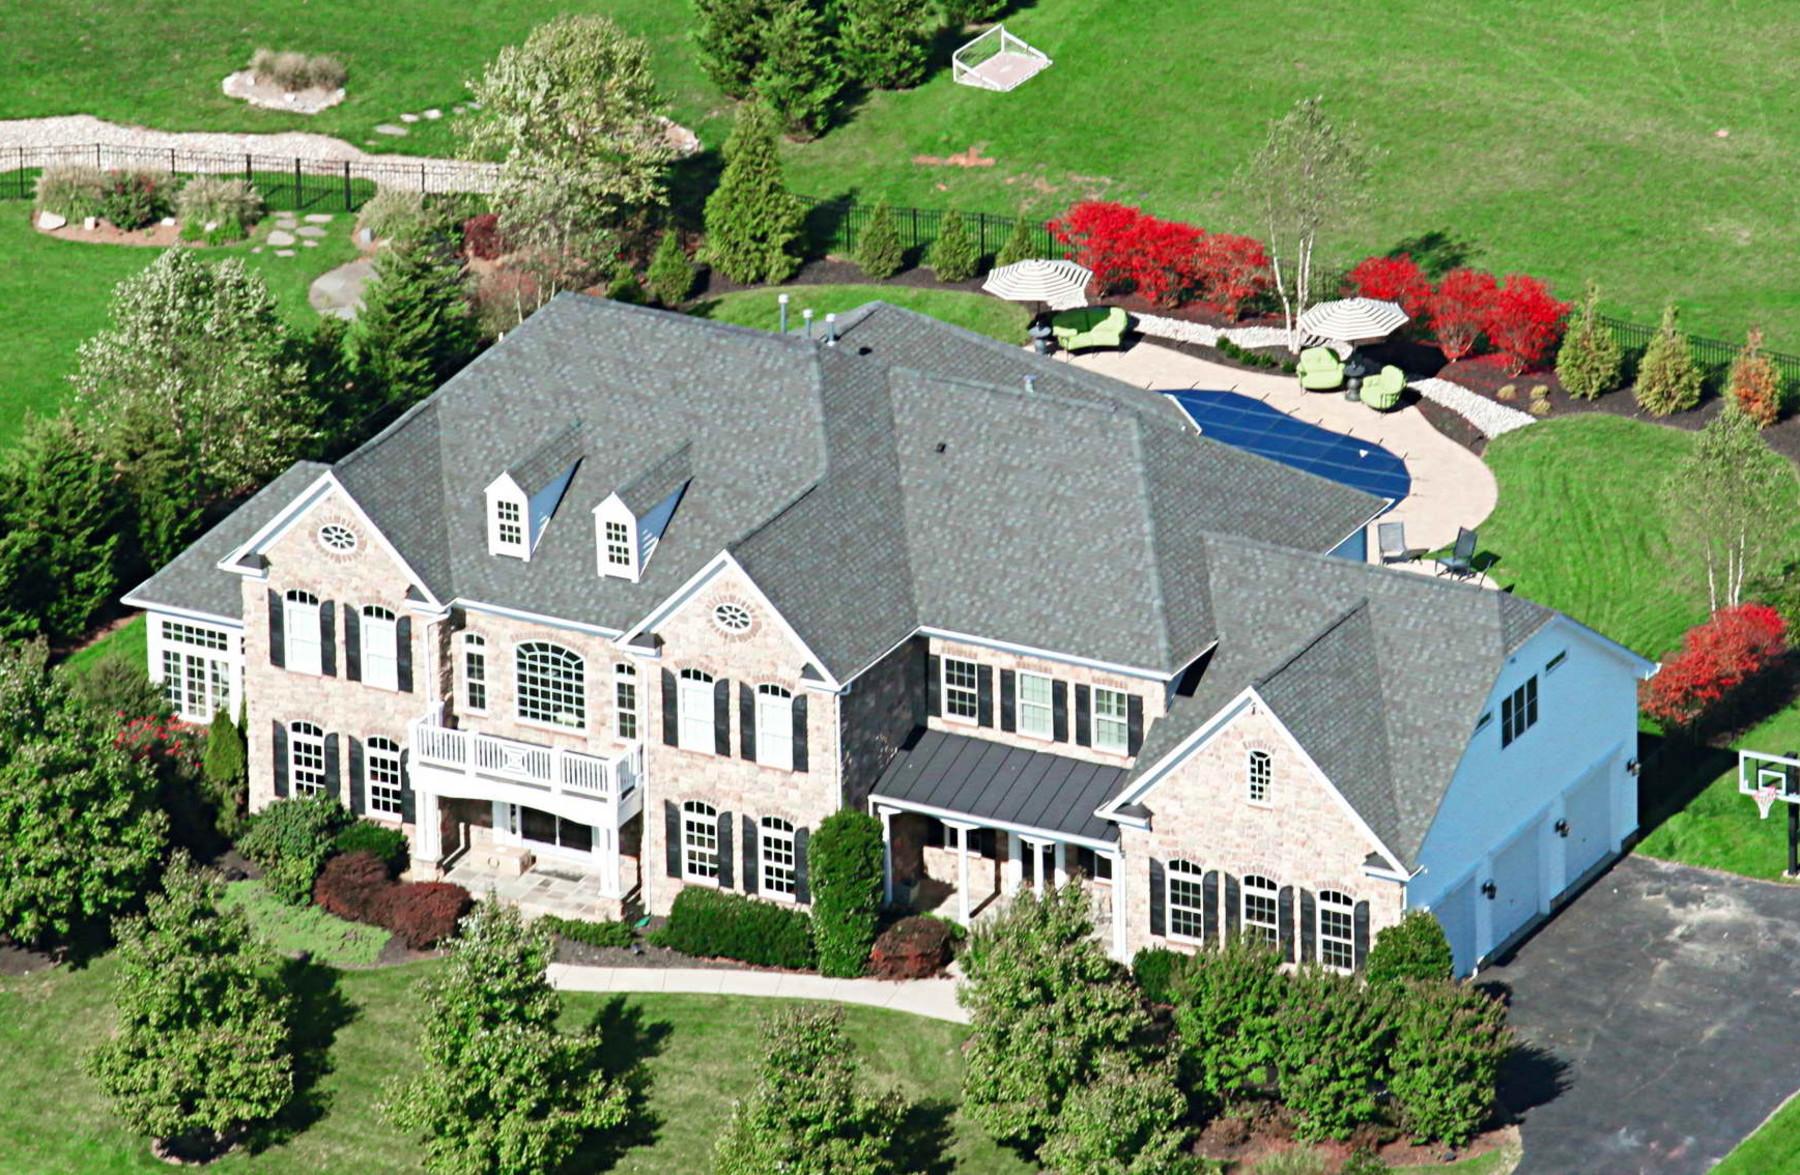 Μονοκατοικία για την Πώληση στο Former Model Home with Pool 41958 Greenlook Ln Ashburn, Βιρτζινια 20148 Ηνωμενεσ Πολιτειεσ